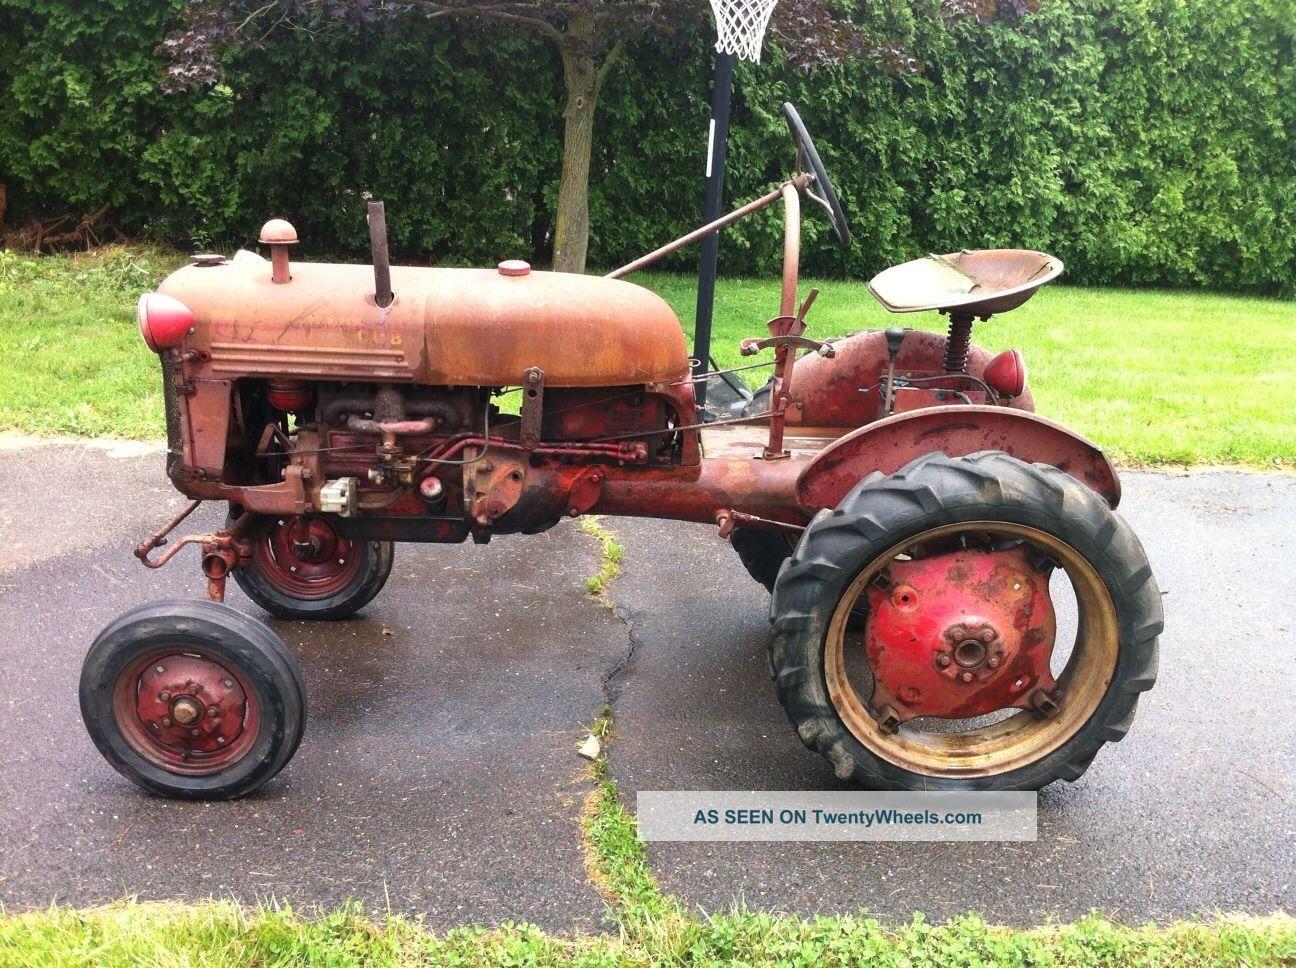 Farmall Cub Tractor With Attachments